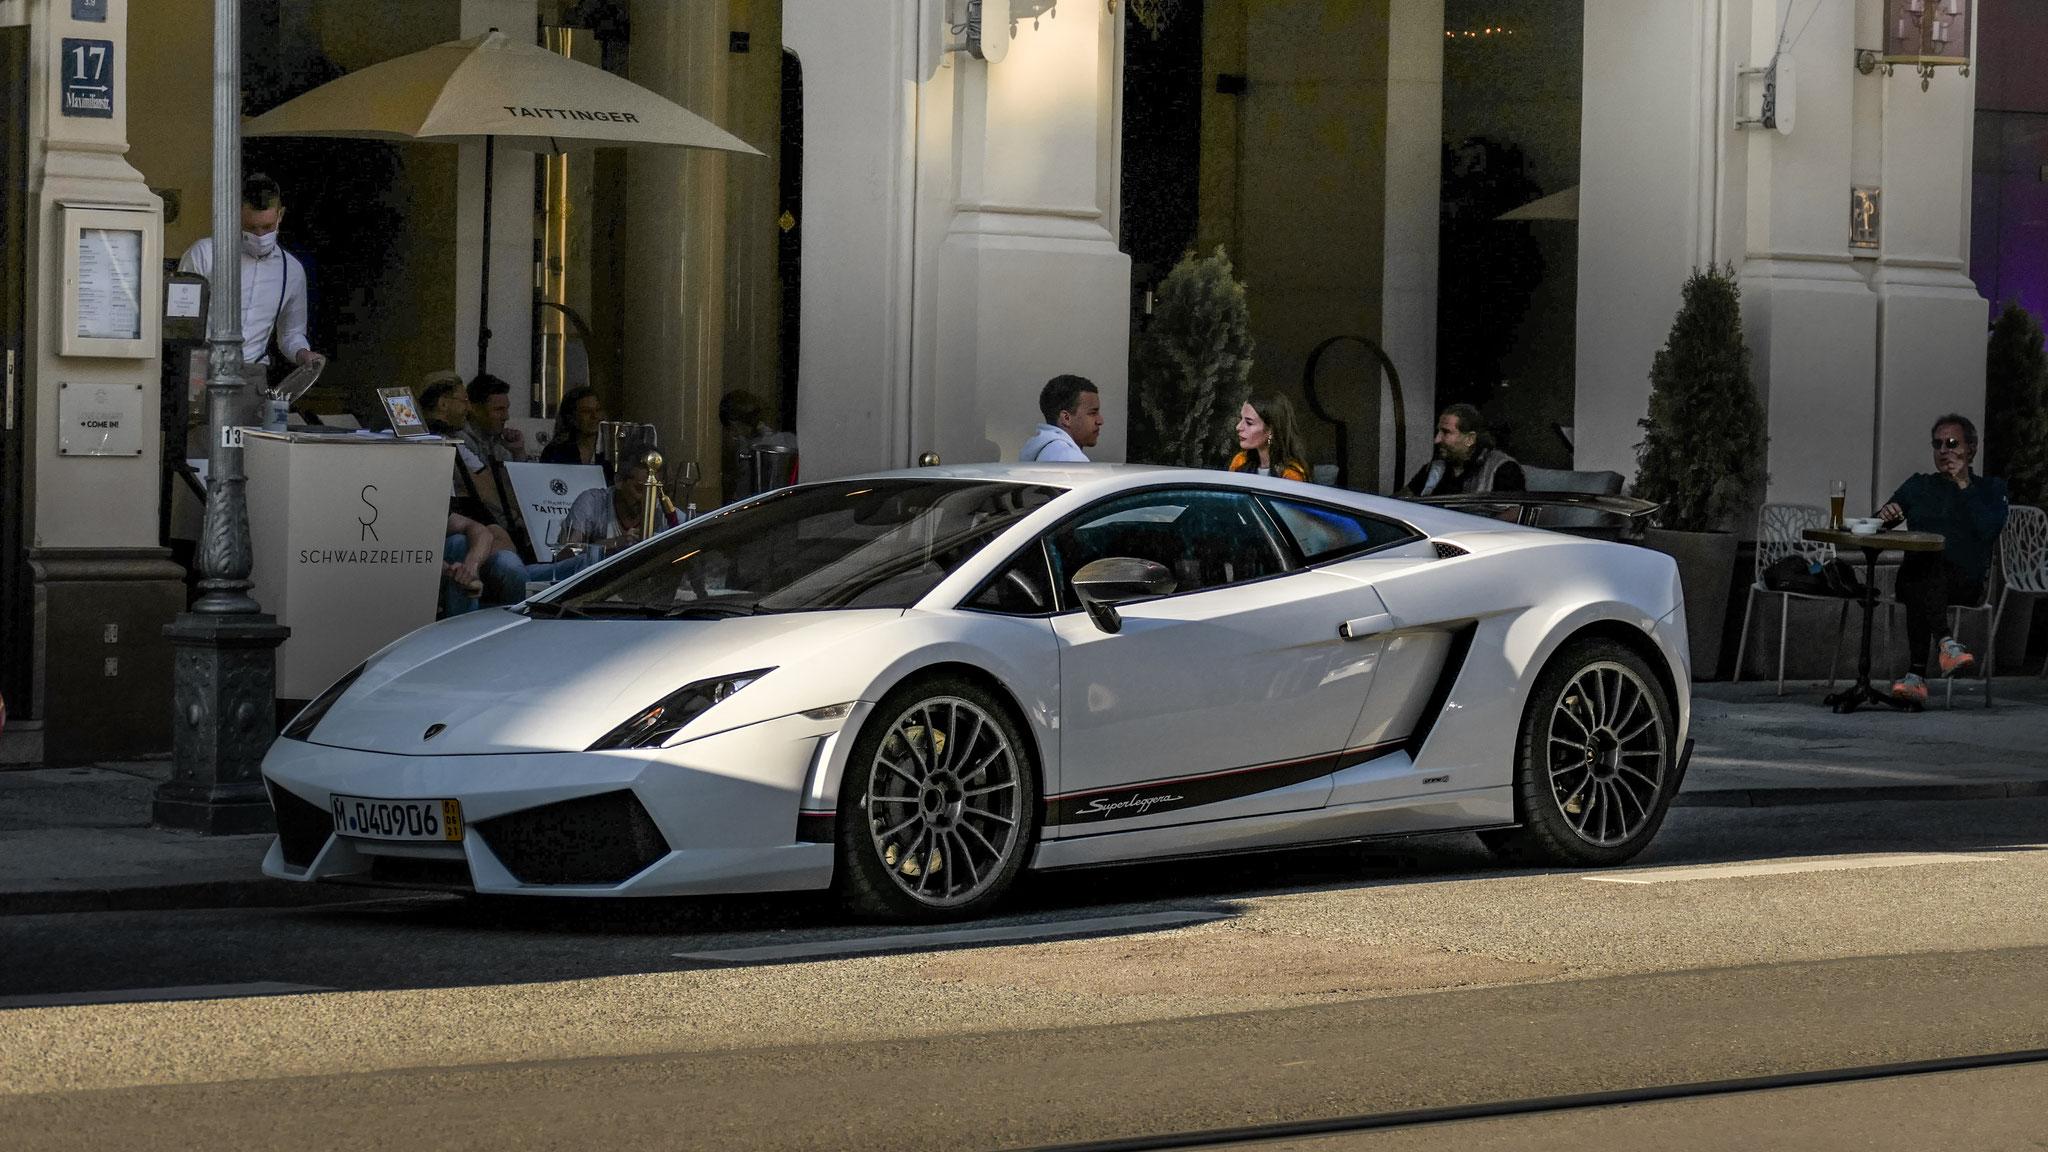 Lamborghini Gallardo Superleggera - M-04906